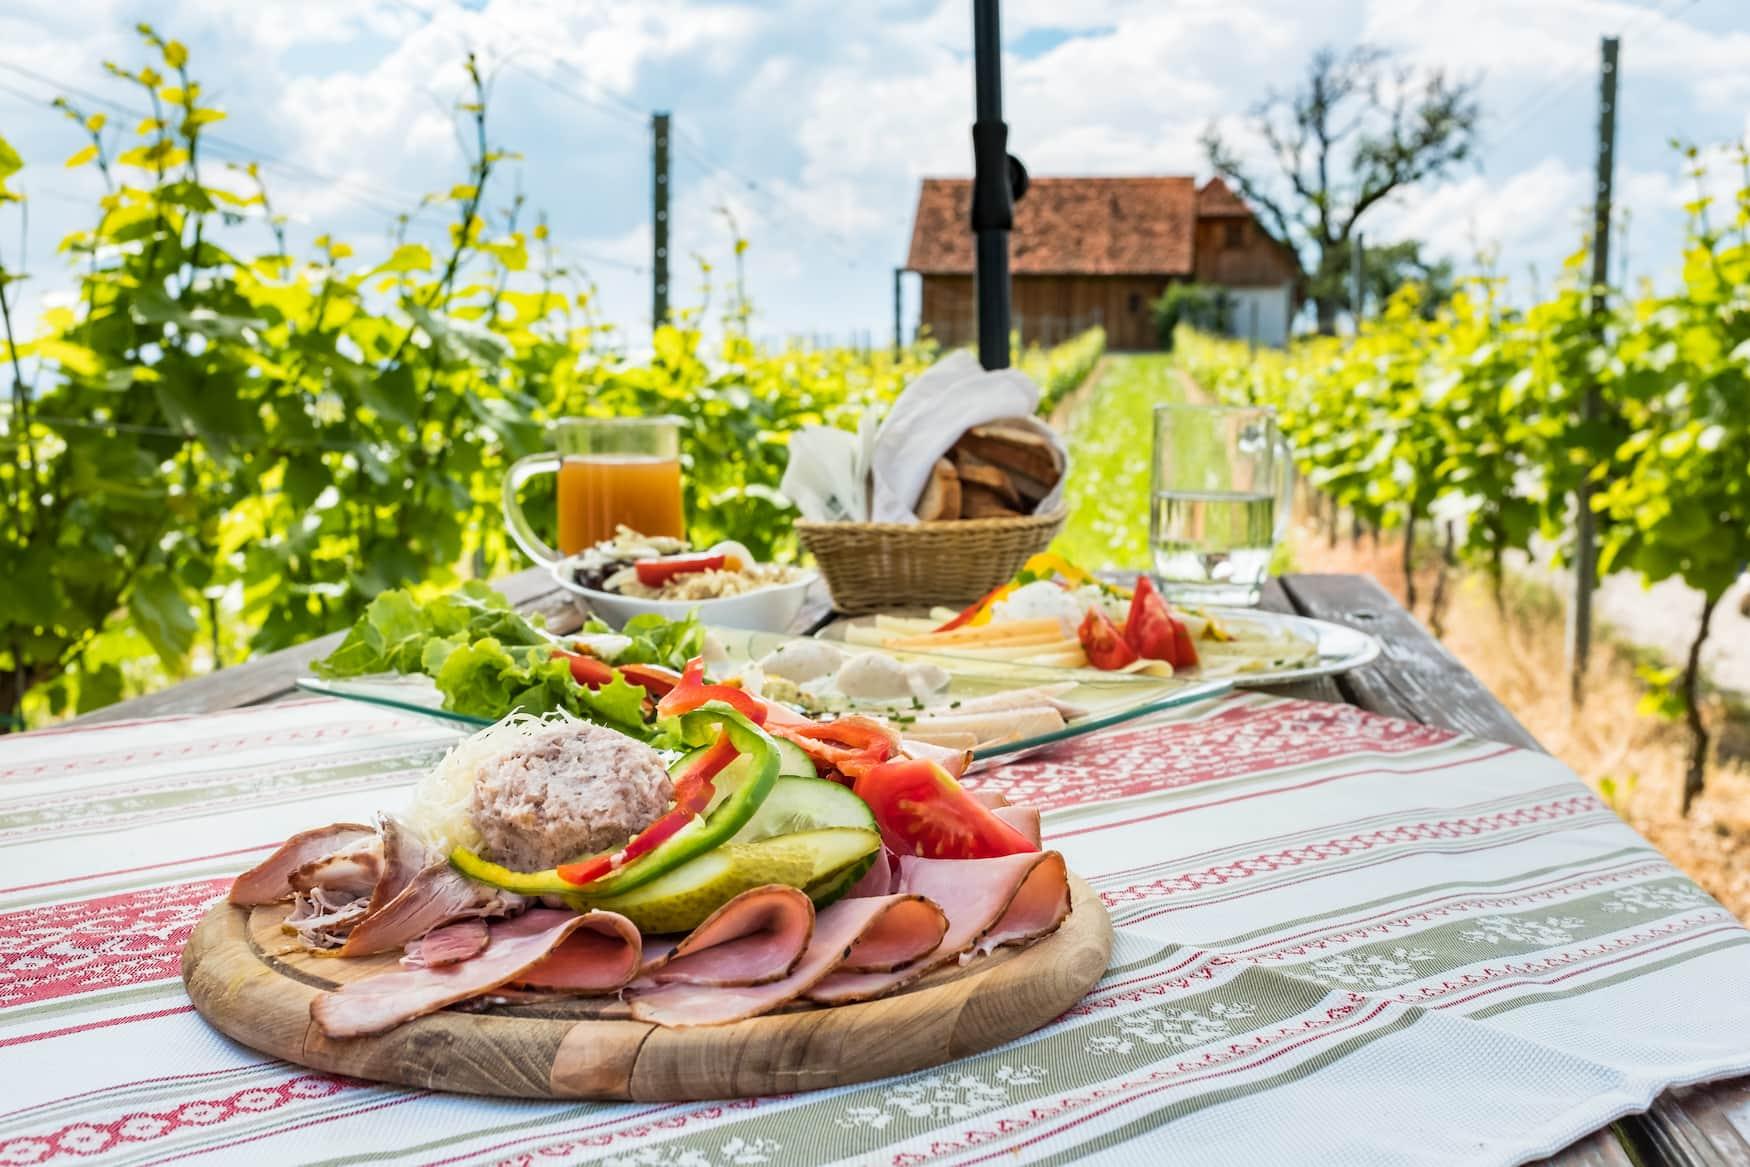 Brettljause - typische Brotplatte aus Kärnten